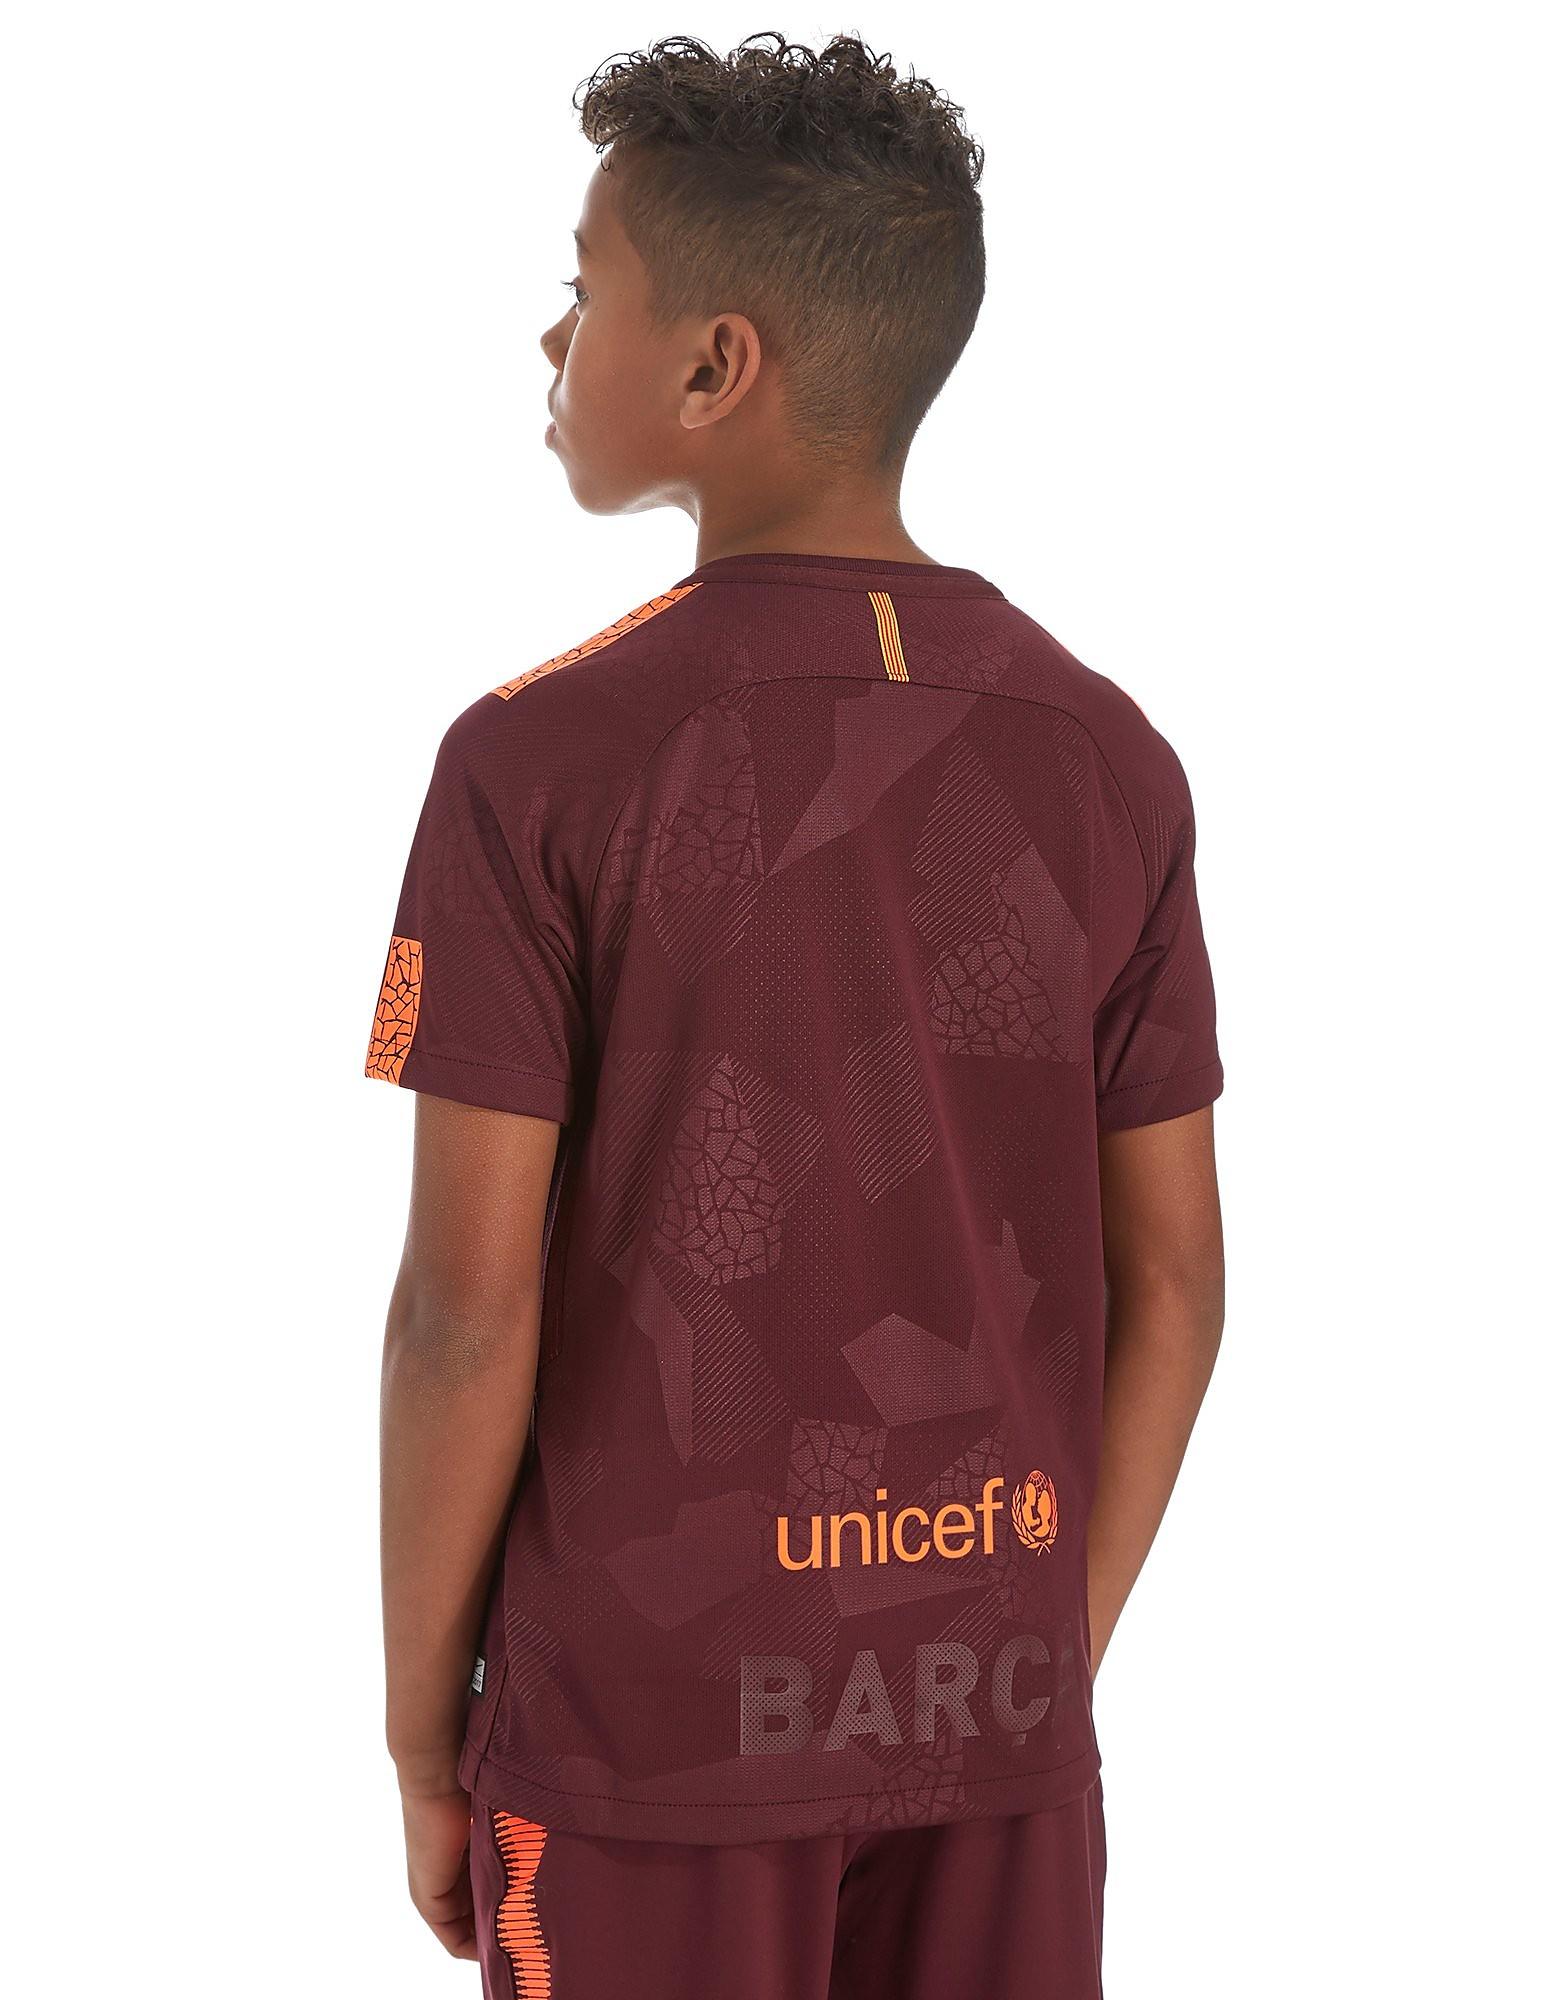 Nike FC Barcelona 2017/18 Dritten Shirt Kinder